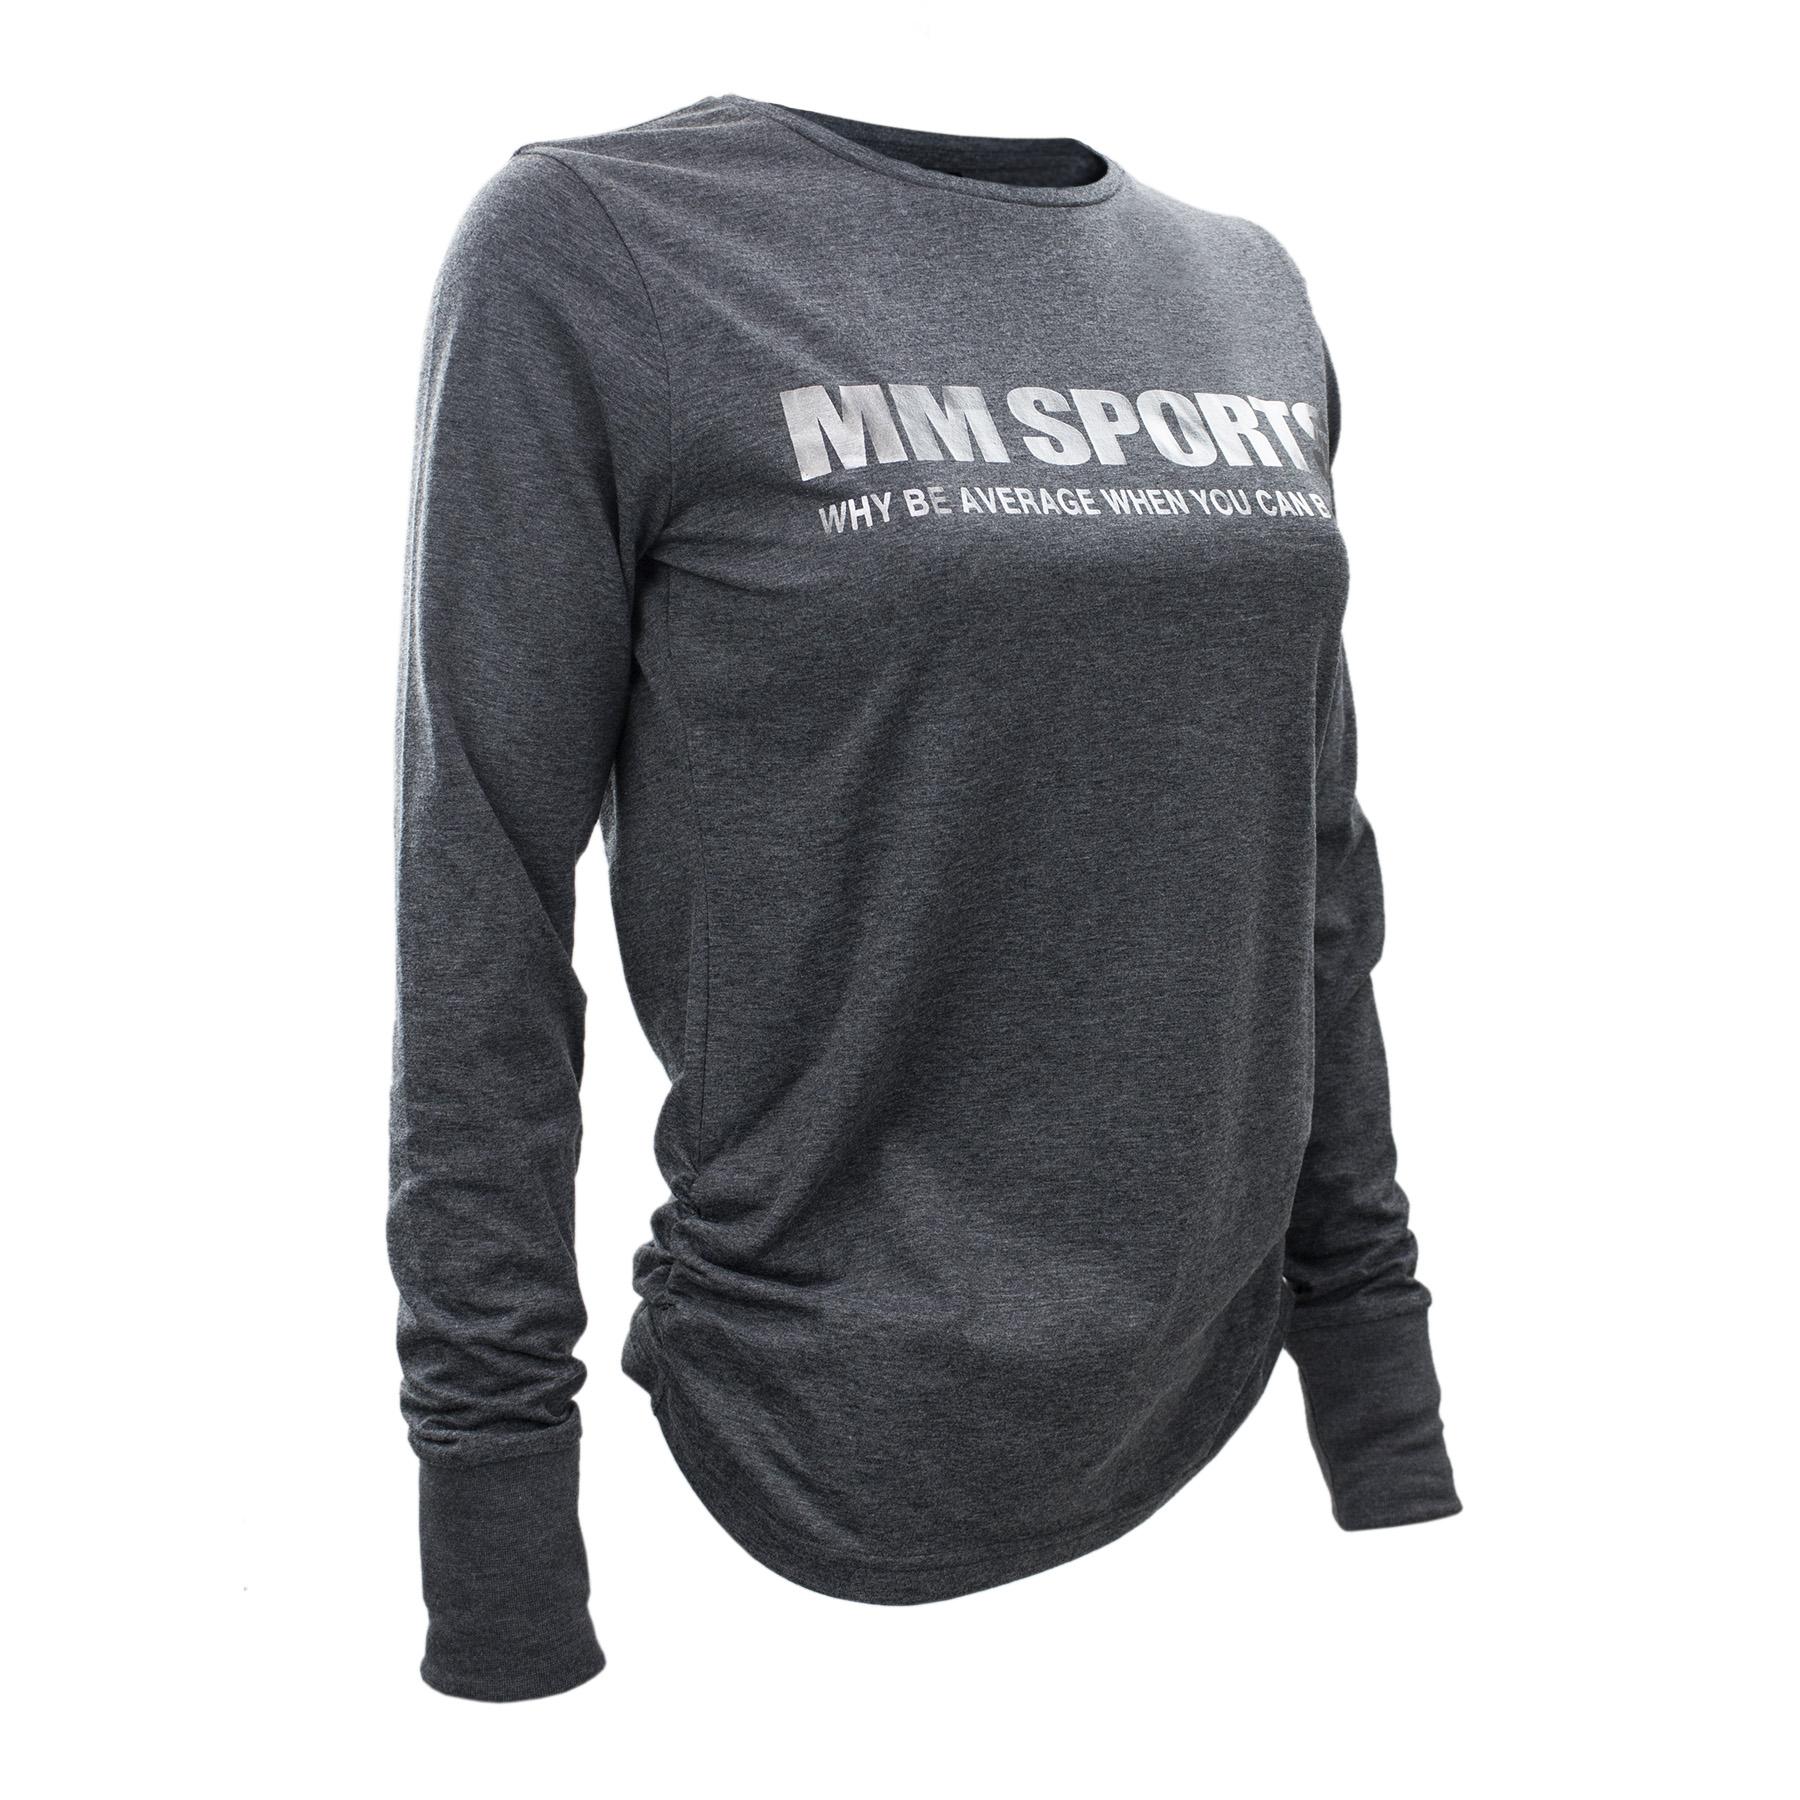 Träningströja – MM Sports L/S Tee Tyra - Dark Greymelange, Medium - Träningskläder